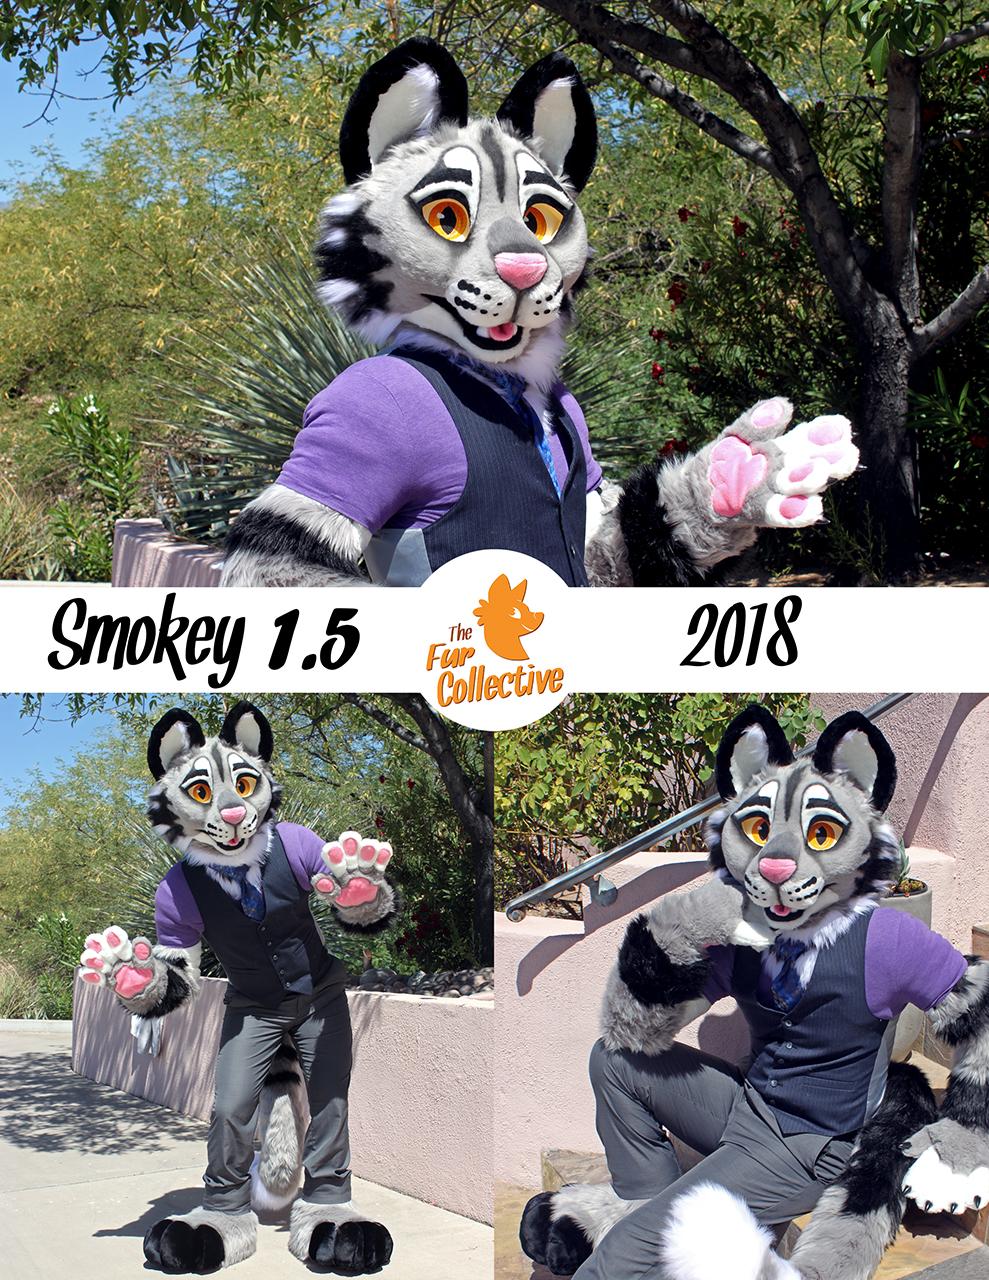 Smokey 1.5